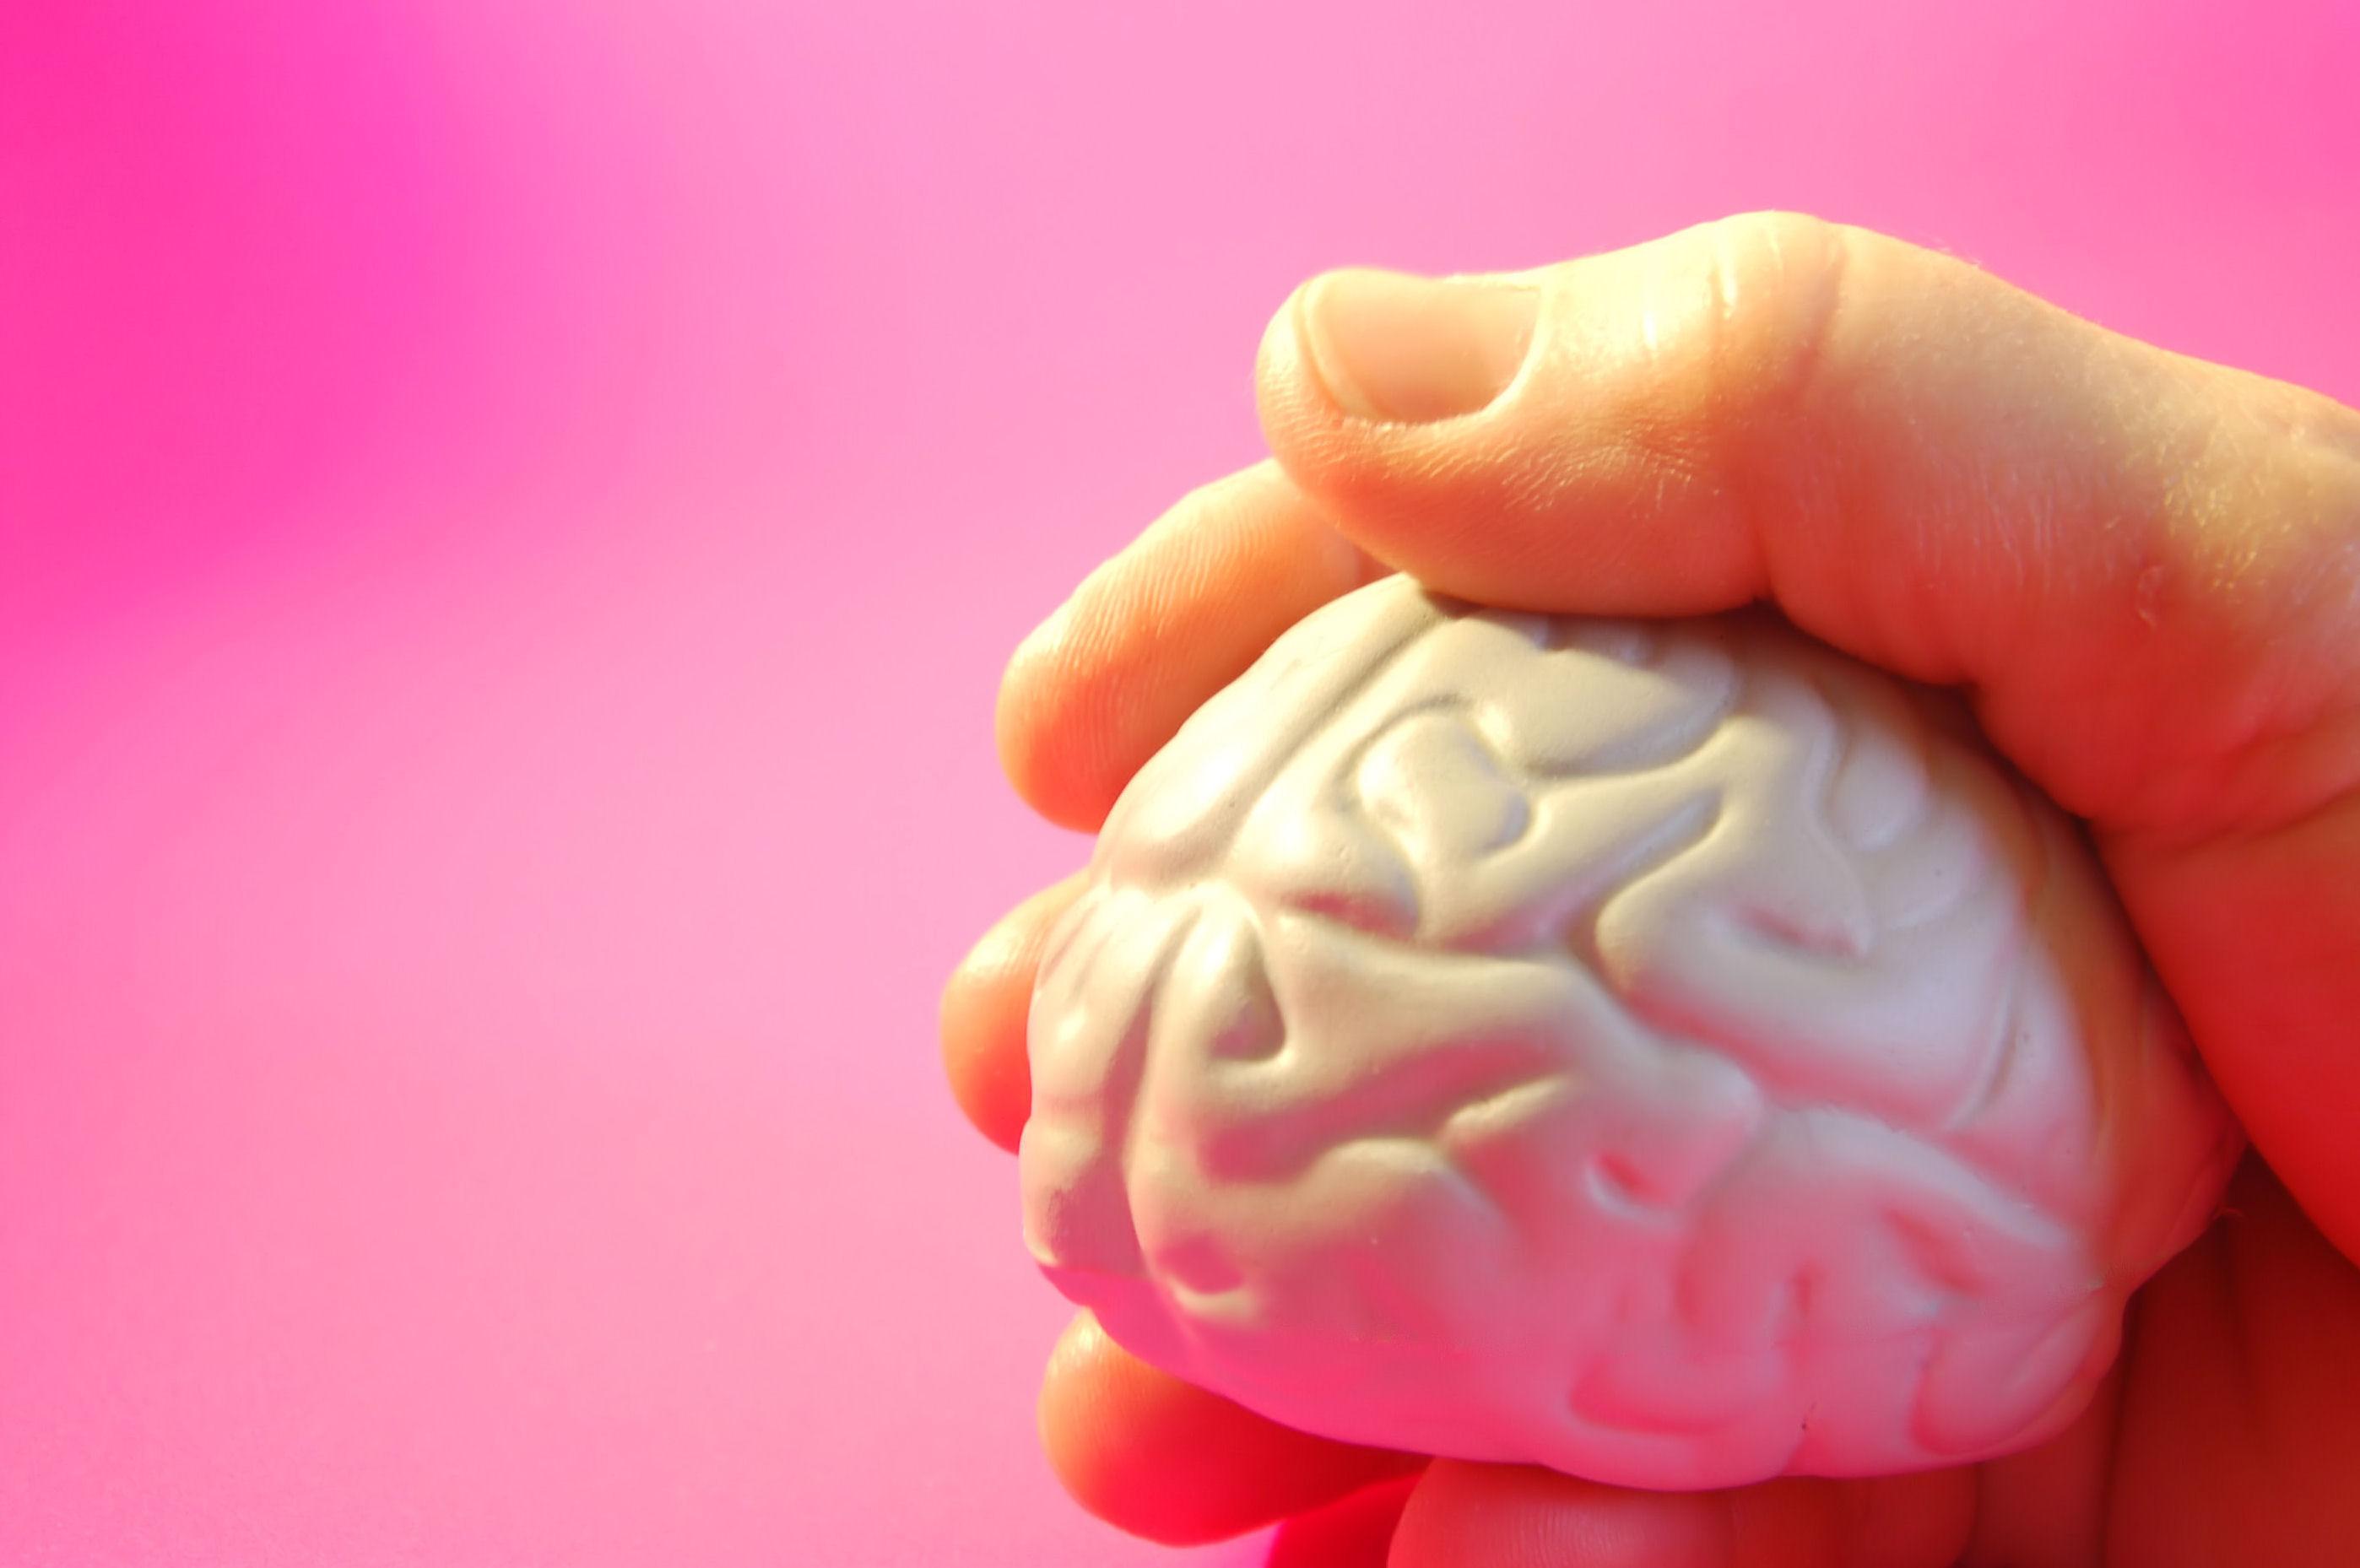 Ginastica cerebral memória uma caixinha de lembranças